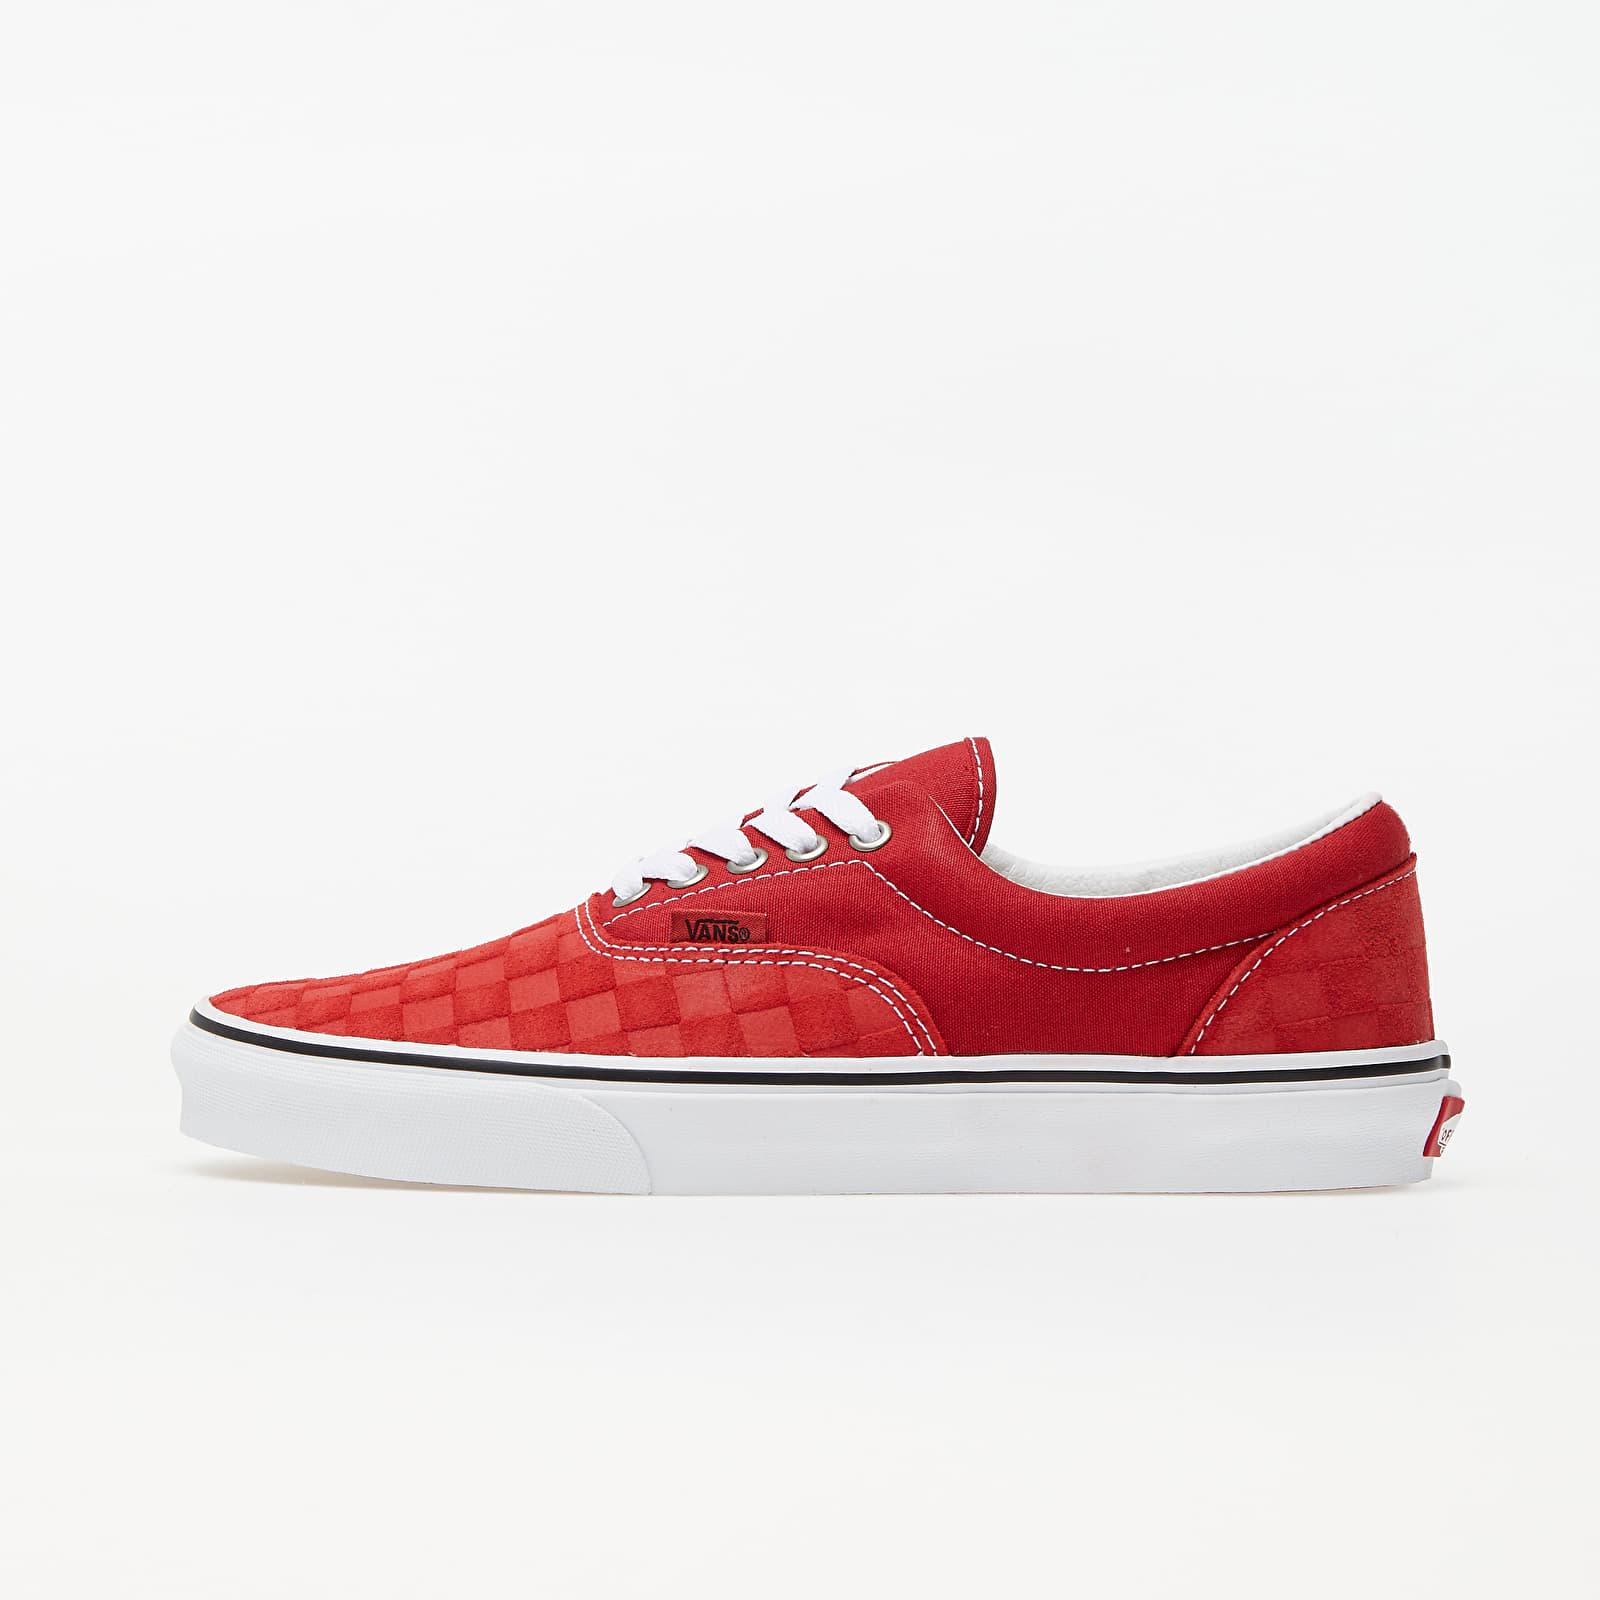 Încălțăminte și sneakerși pentru bărbați Vans Era (Deboss Checkerboard) Pompeian Red/ True White